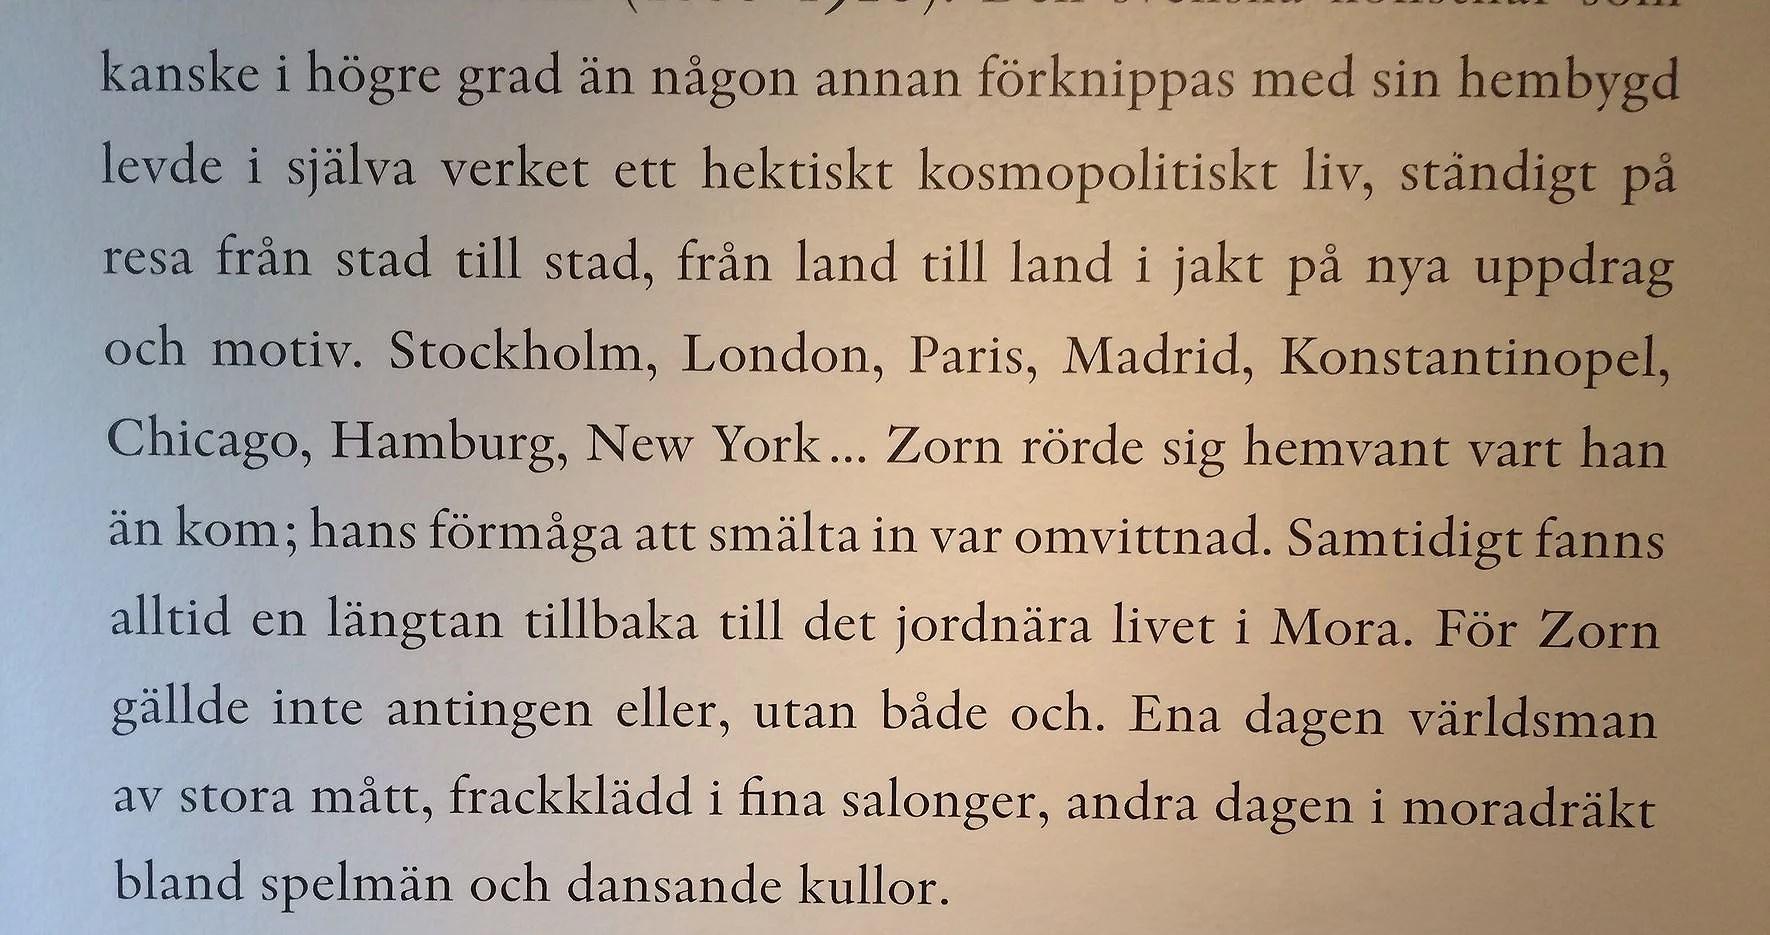 Anders Zorn levde i mellanförskapet!